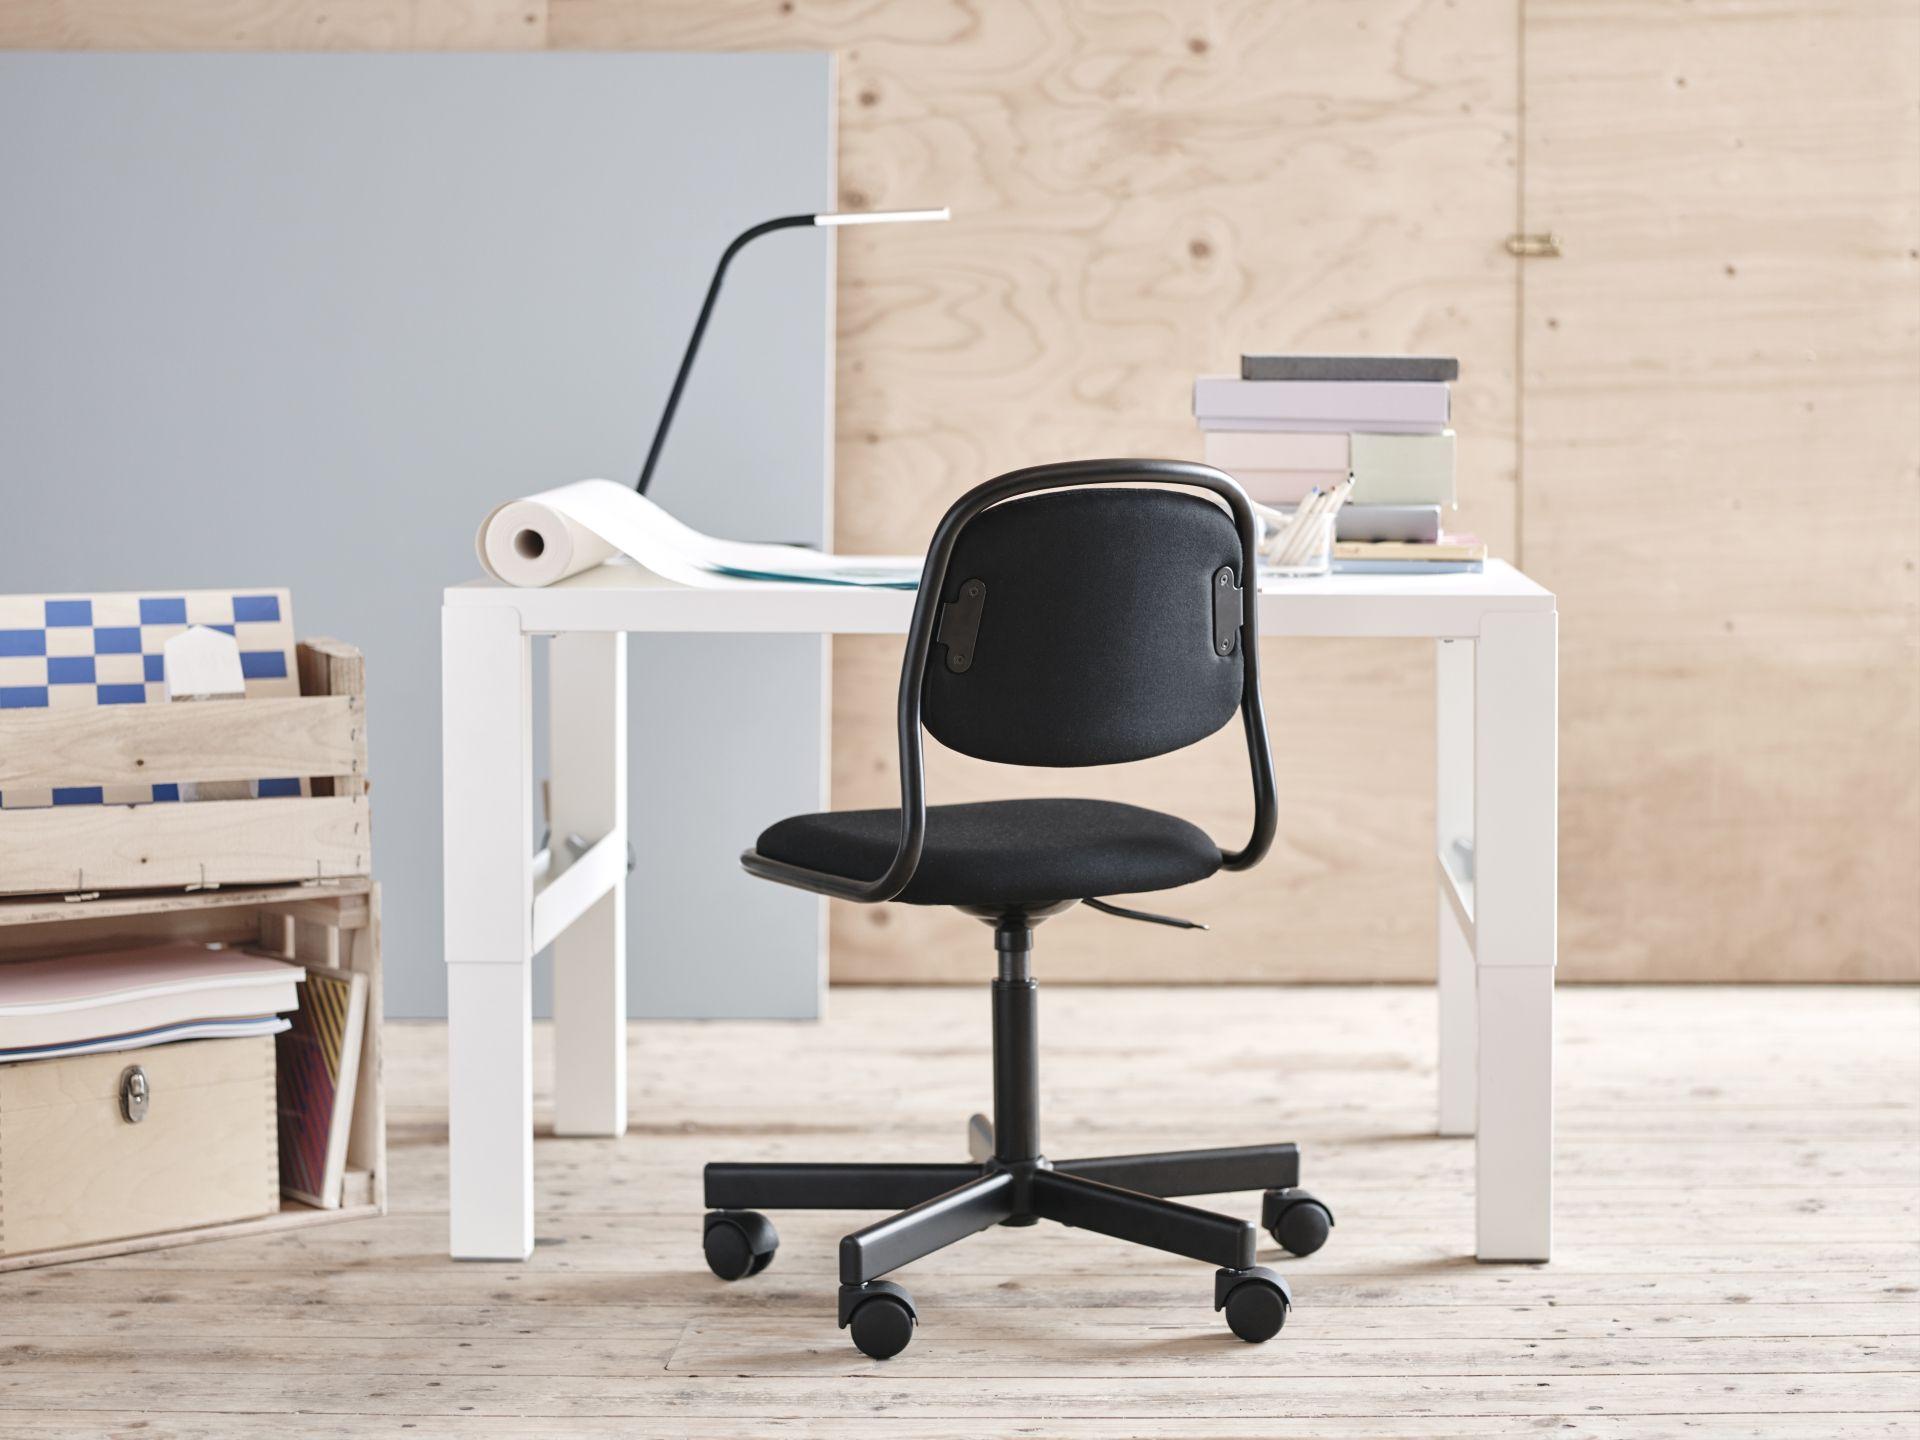 PÅhl bureau wit ikea